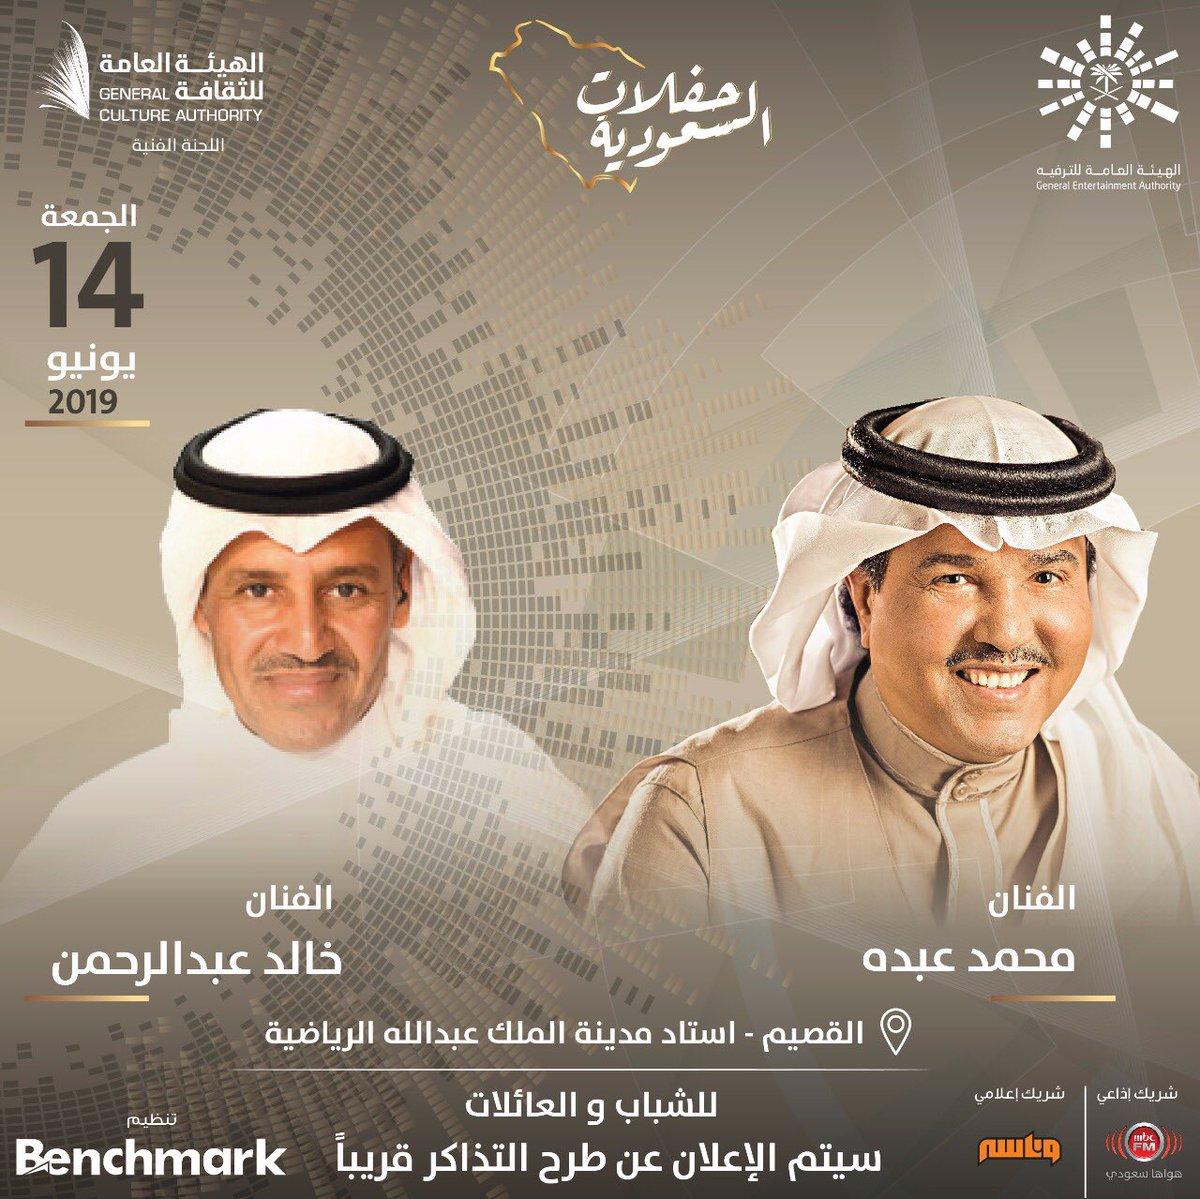 أهالي القصيم يطيرون بتذاكر حفل الفنانين محمد عبده و خالد عبد الرحمن في عشرين دقيقة